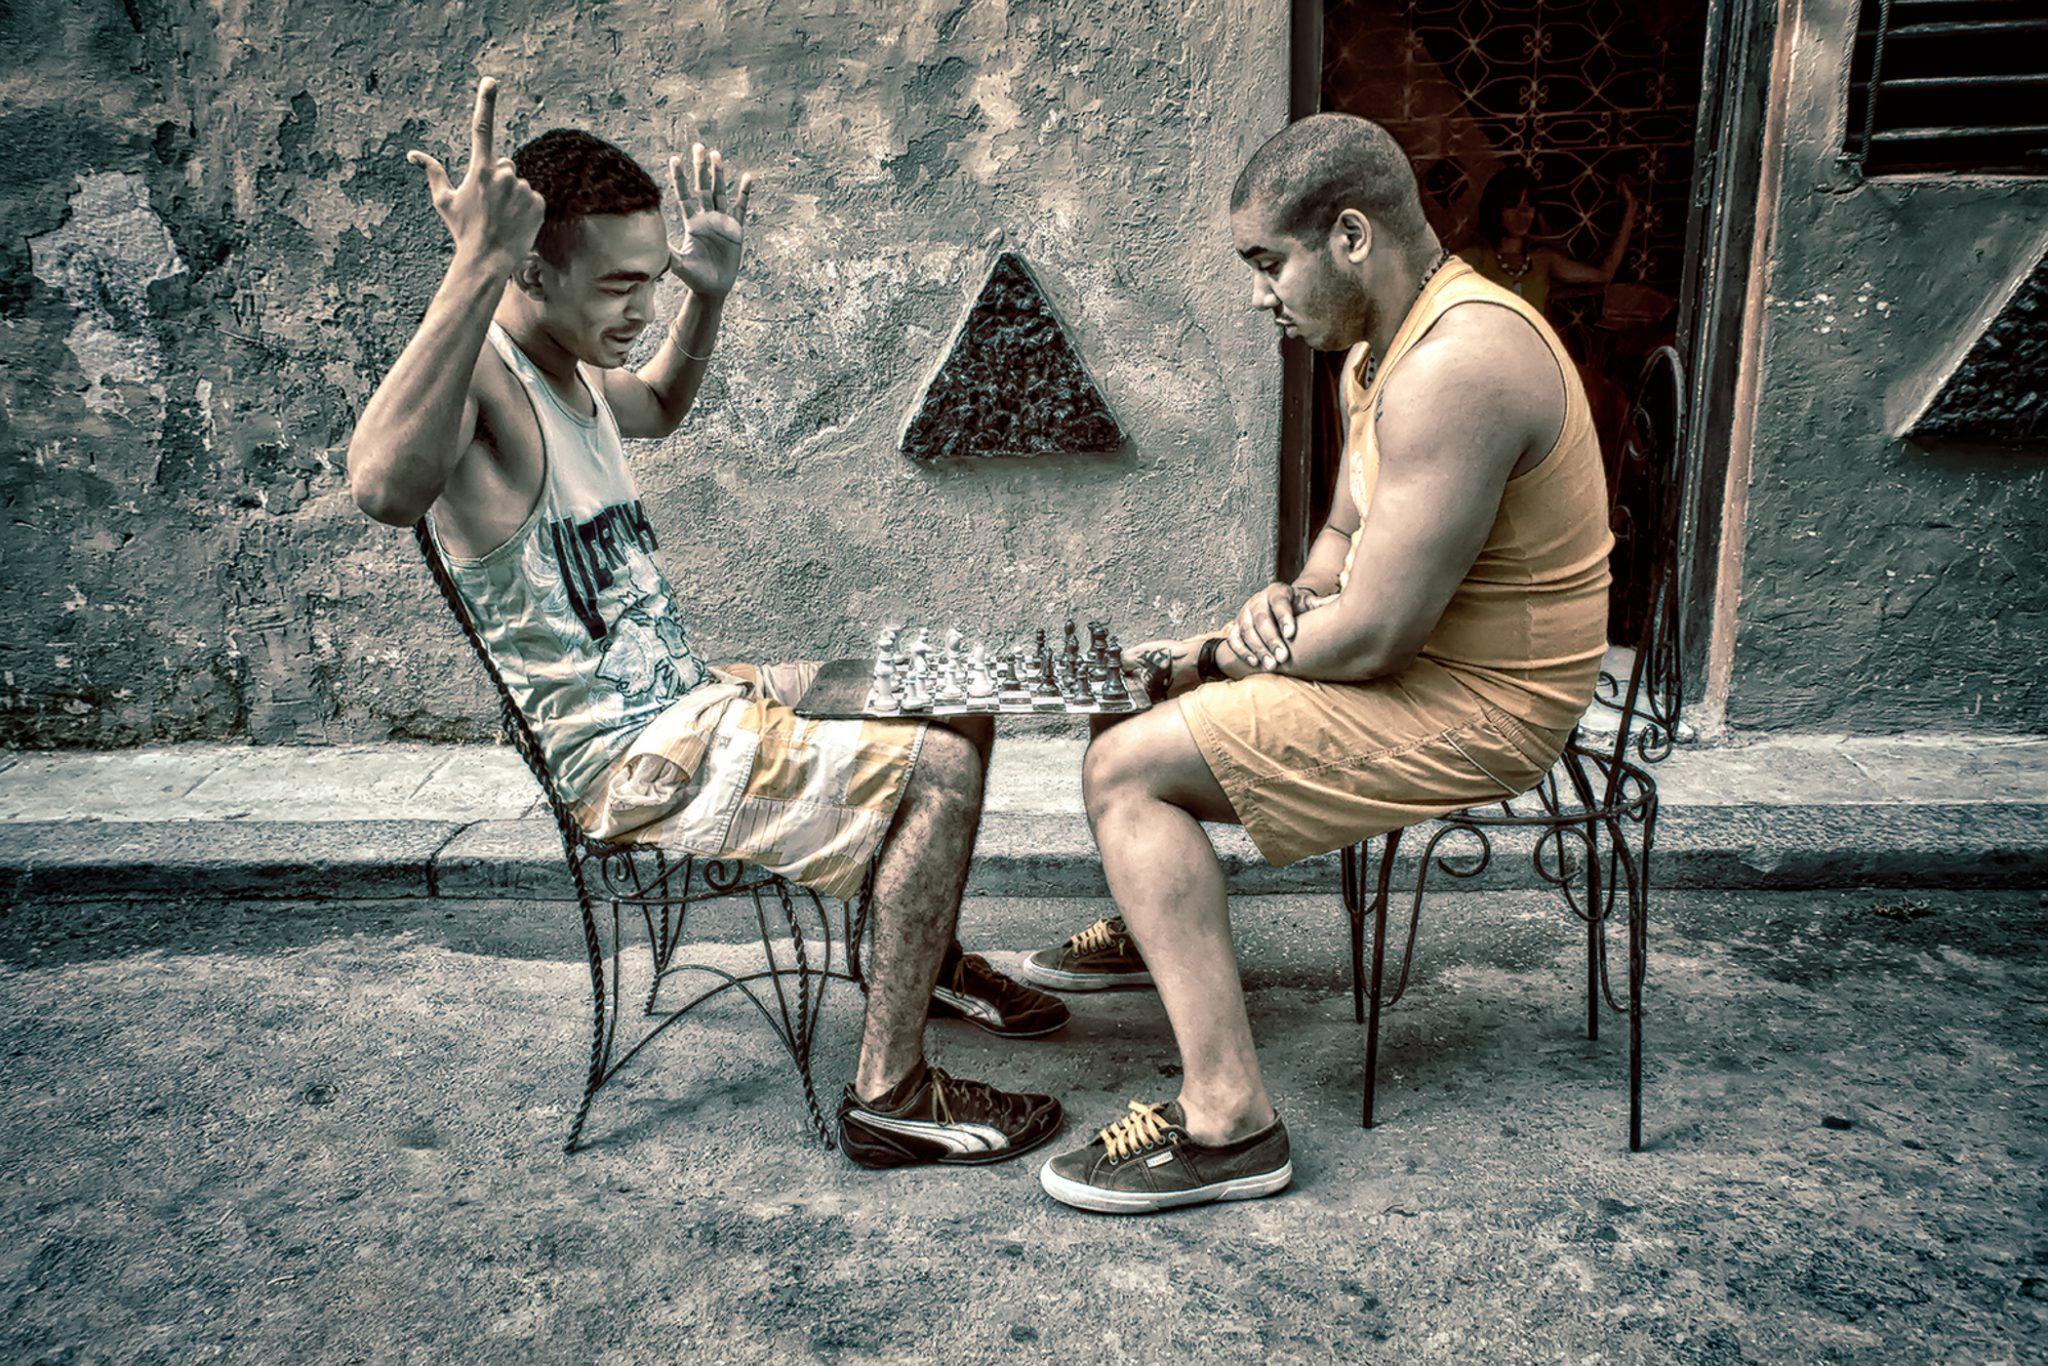 Checkmate 1/15 © EK Waller